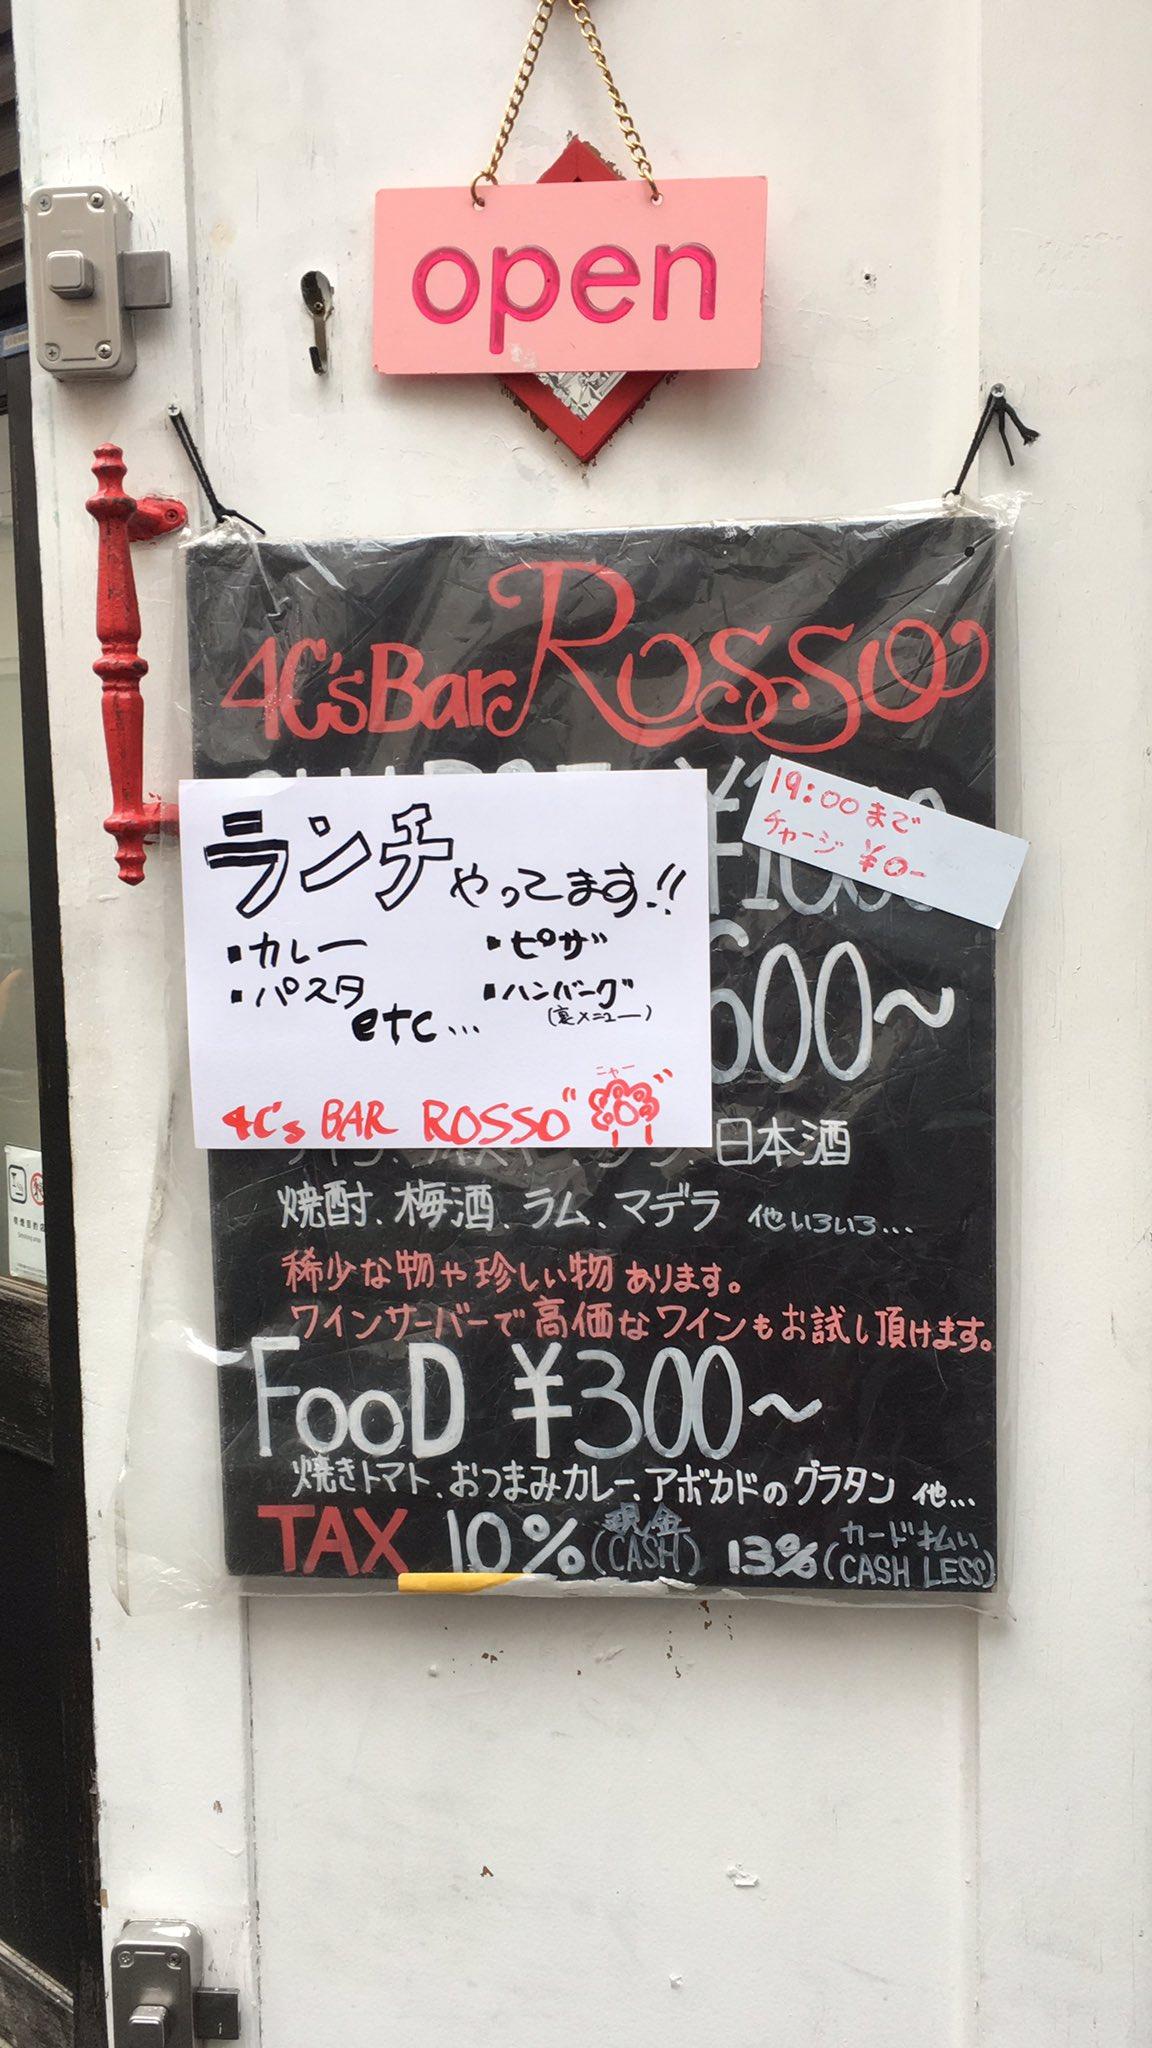 ヨッシーズ バー ロッソ (4C's BAR Rosso)